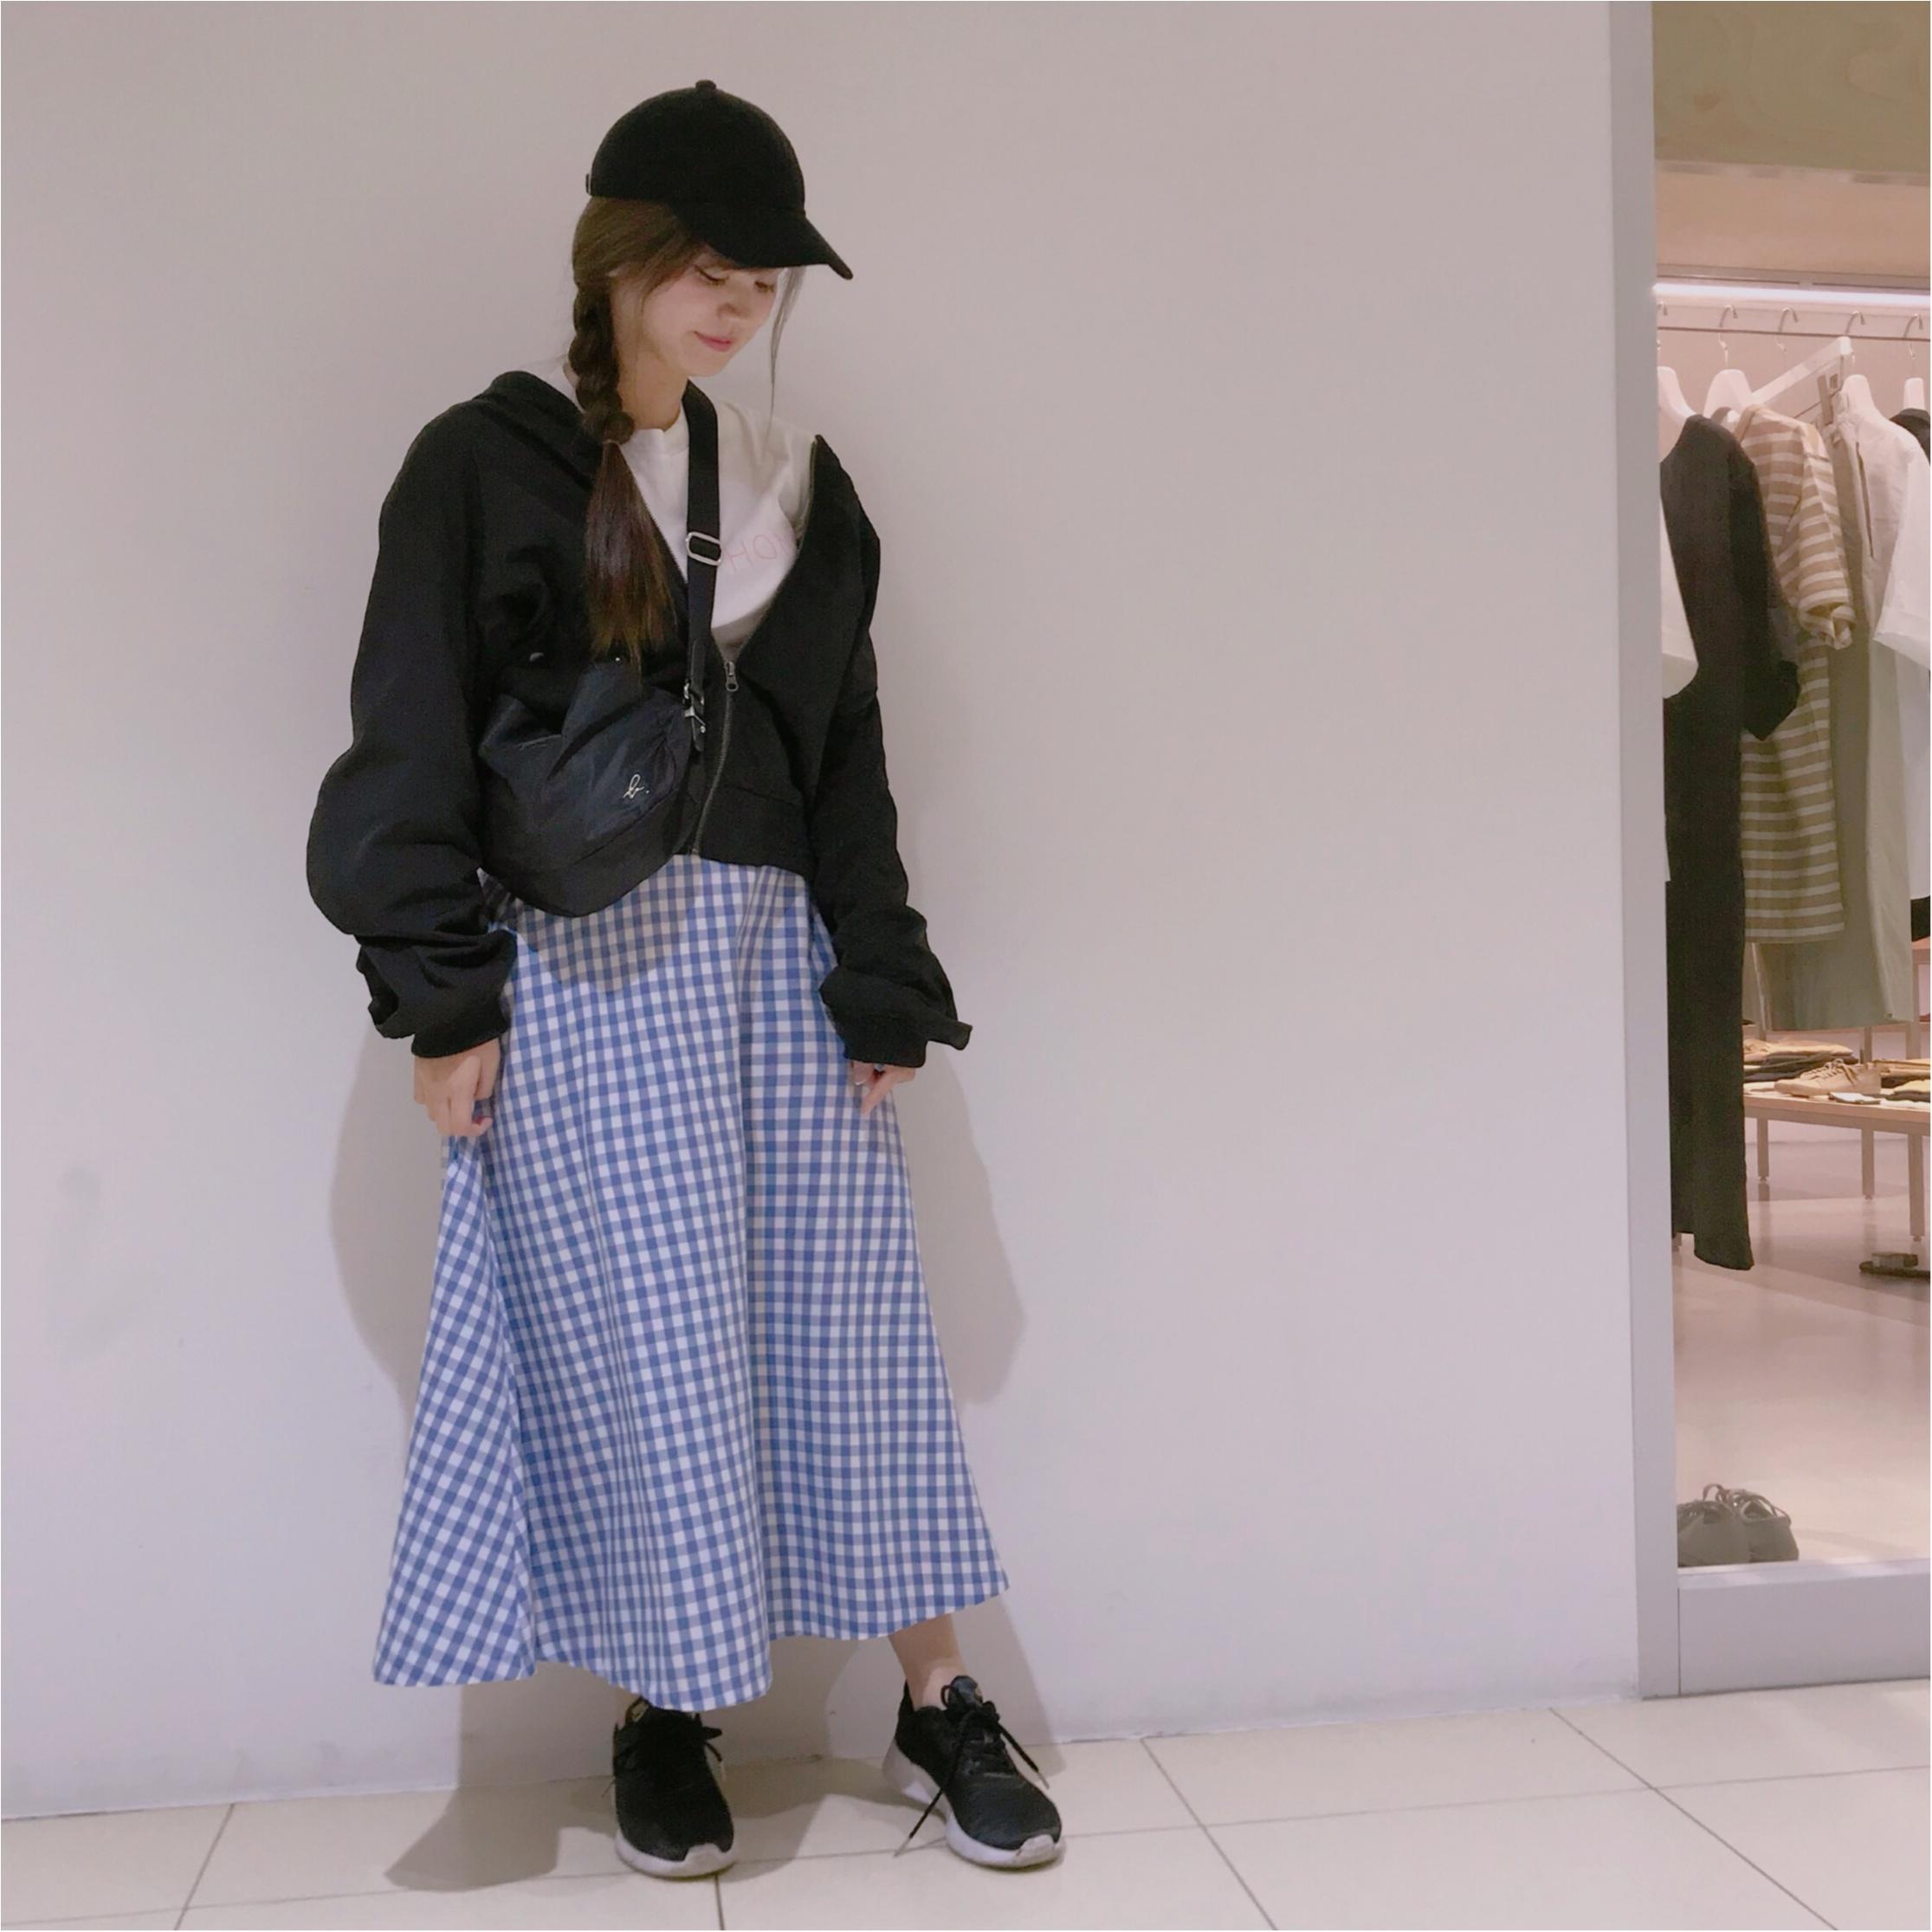 【GU】のギンガムチェックが可愛すぎる❤︎プチプラに見えないフレアスカートを購入しました!_1